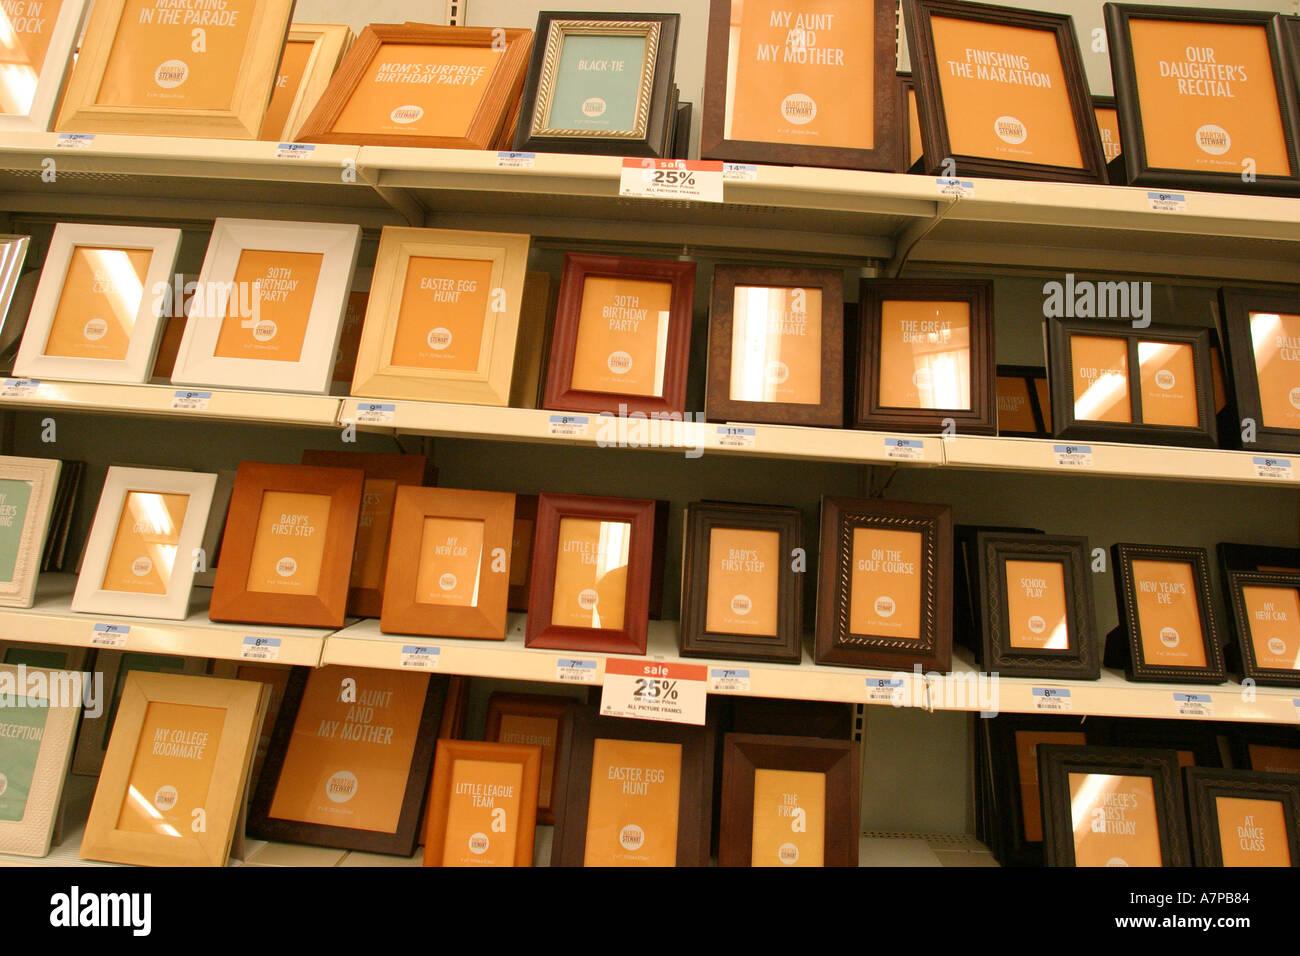 North Miami Beach Florida Kmart Einzelhandel Display Bilderrahmen ...